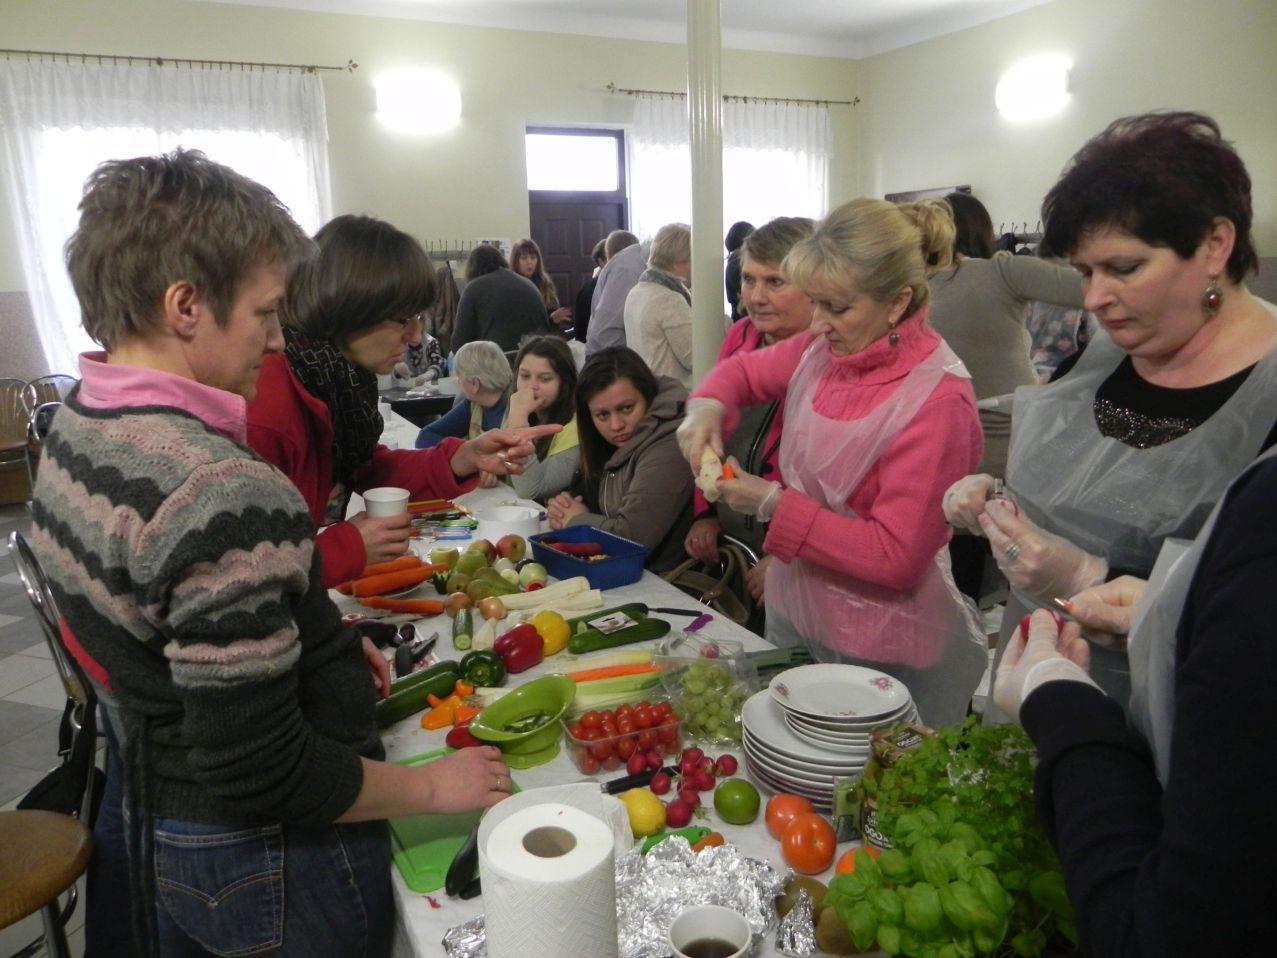 2016-02-14 Sierzchowy - Wioska Pomidorowa - testowanie (46)